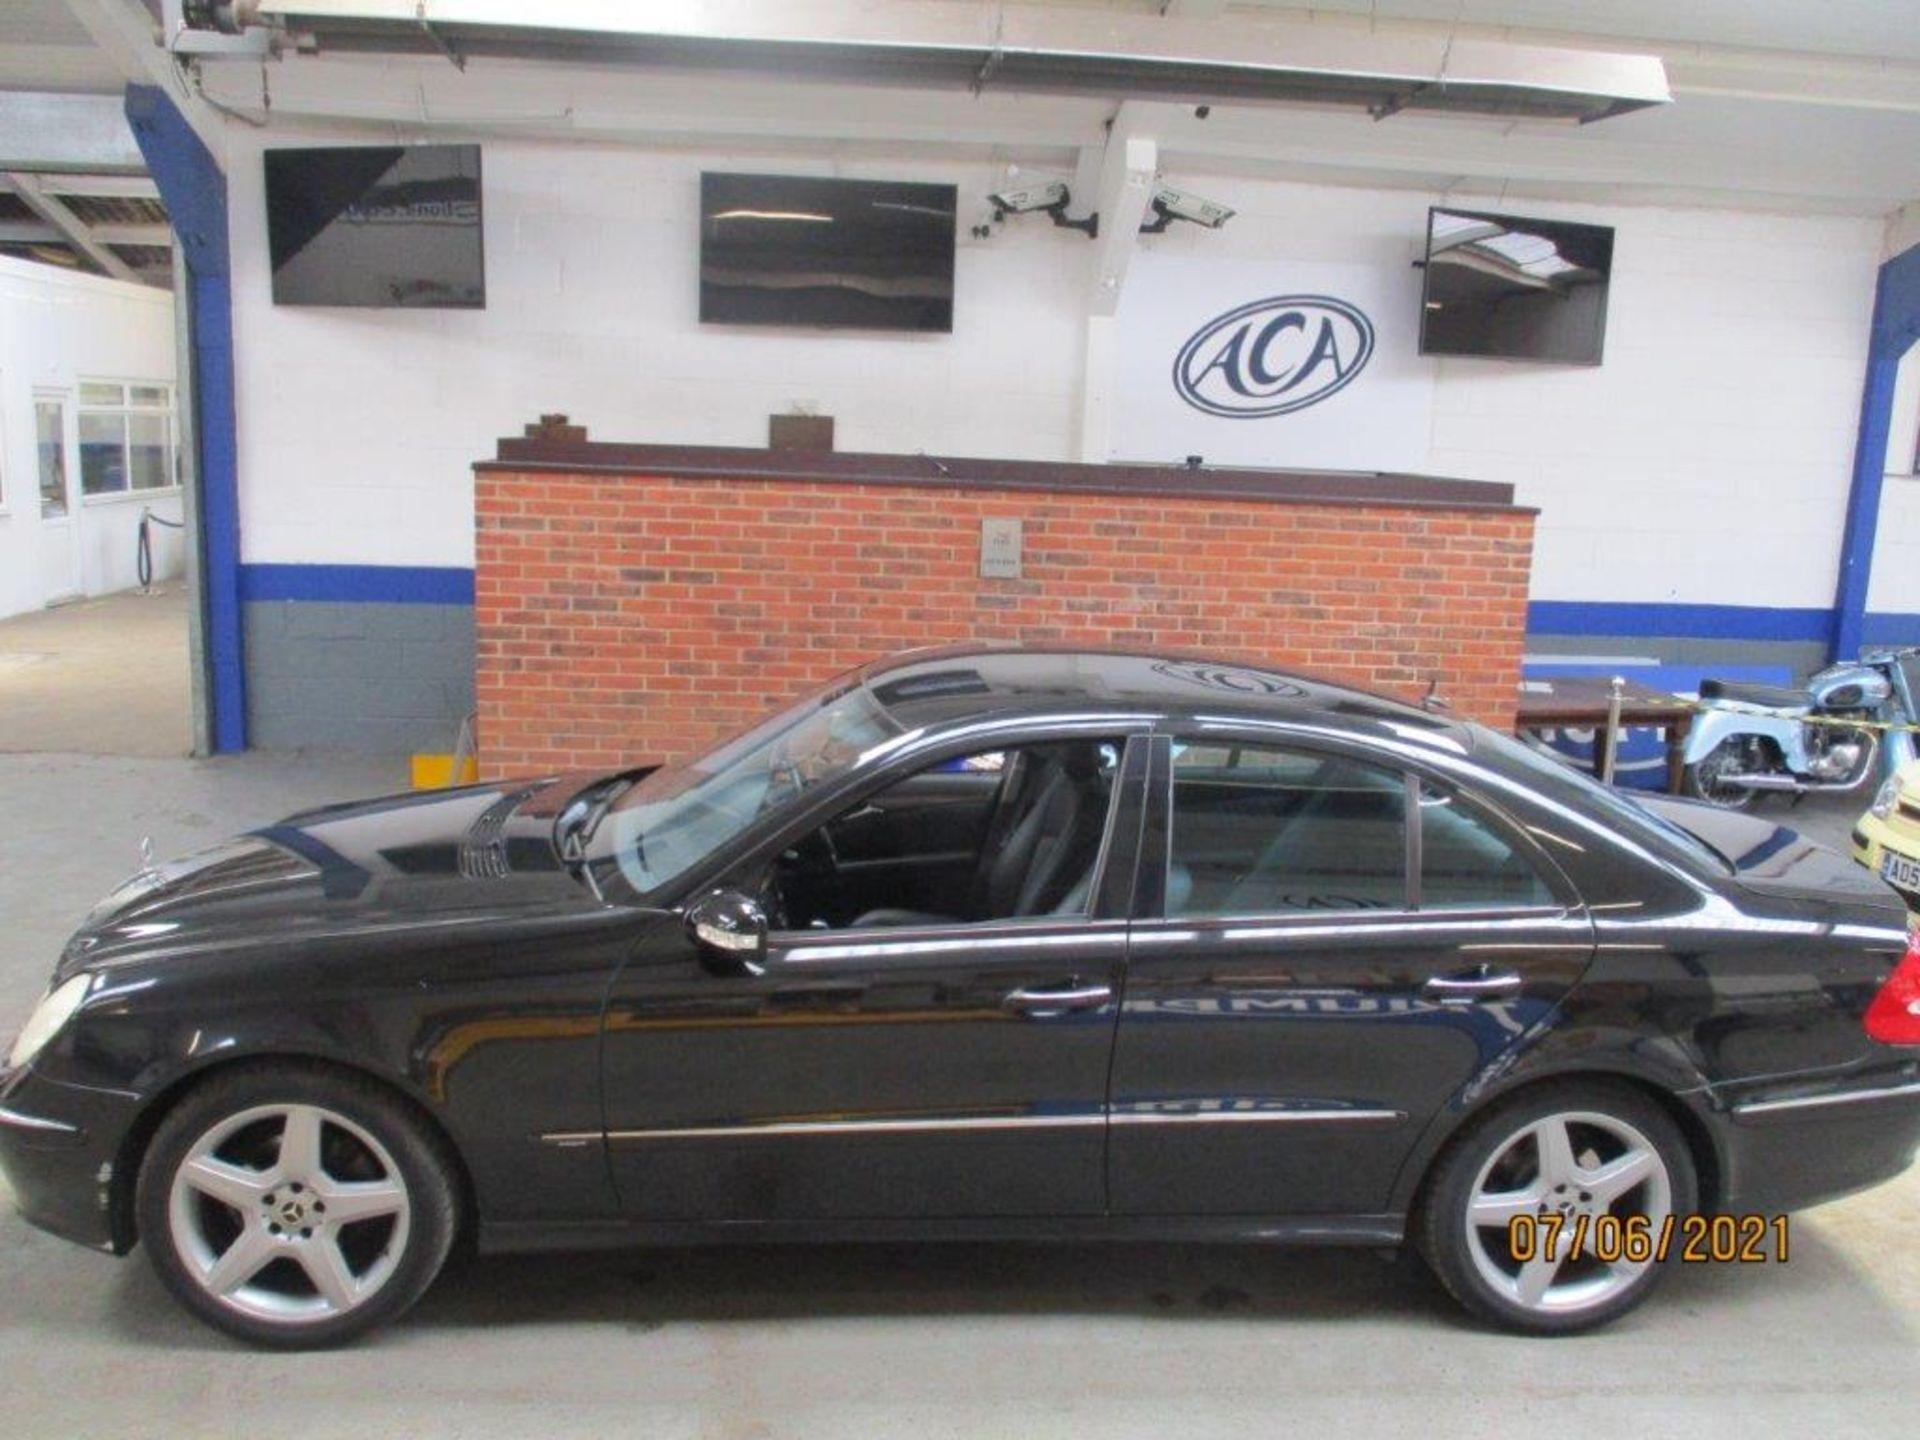 55 05 Mercedes E320 CDI Avantagarde - Image 5 of 19